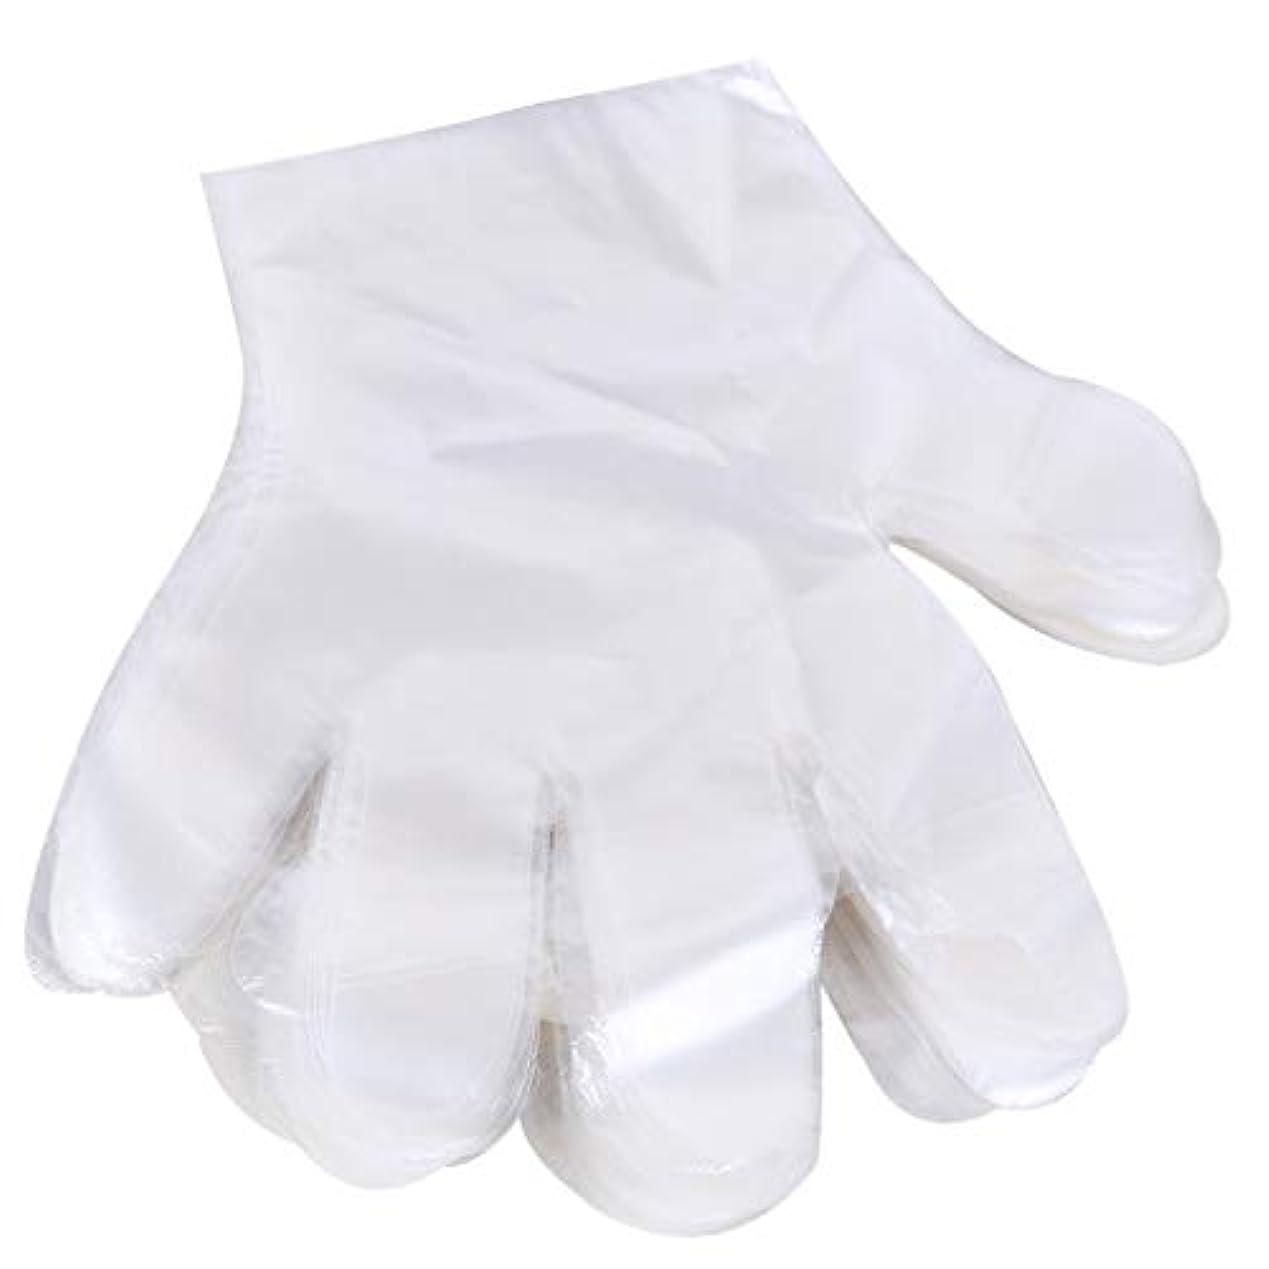 軍団きつく仕様1000 使い捨て手袋、ケータリングヘアマスク食品ロブスター厚い透明プラスチックpeフィルム手袋透明カバー YANW